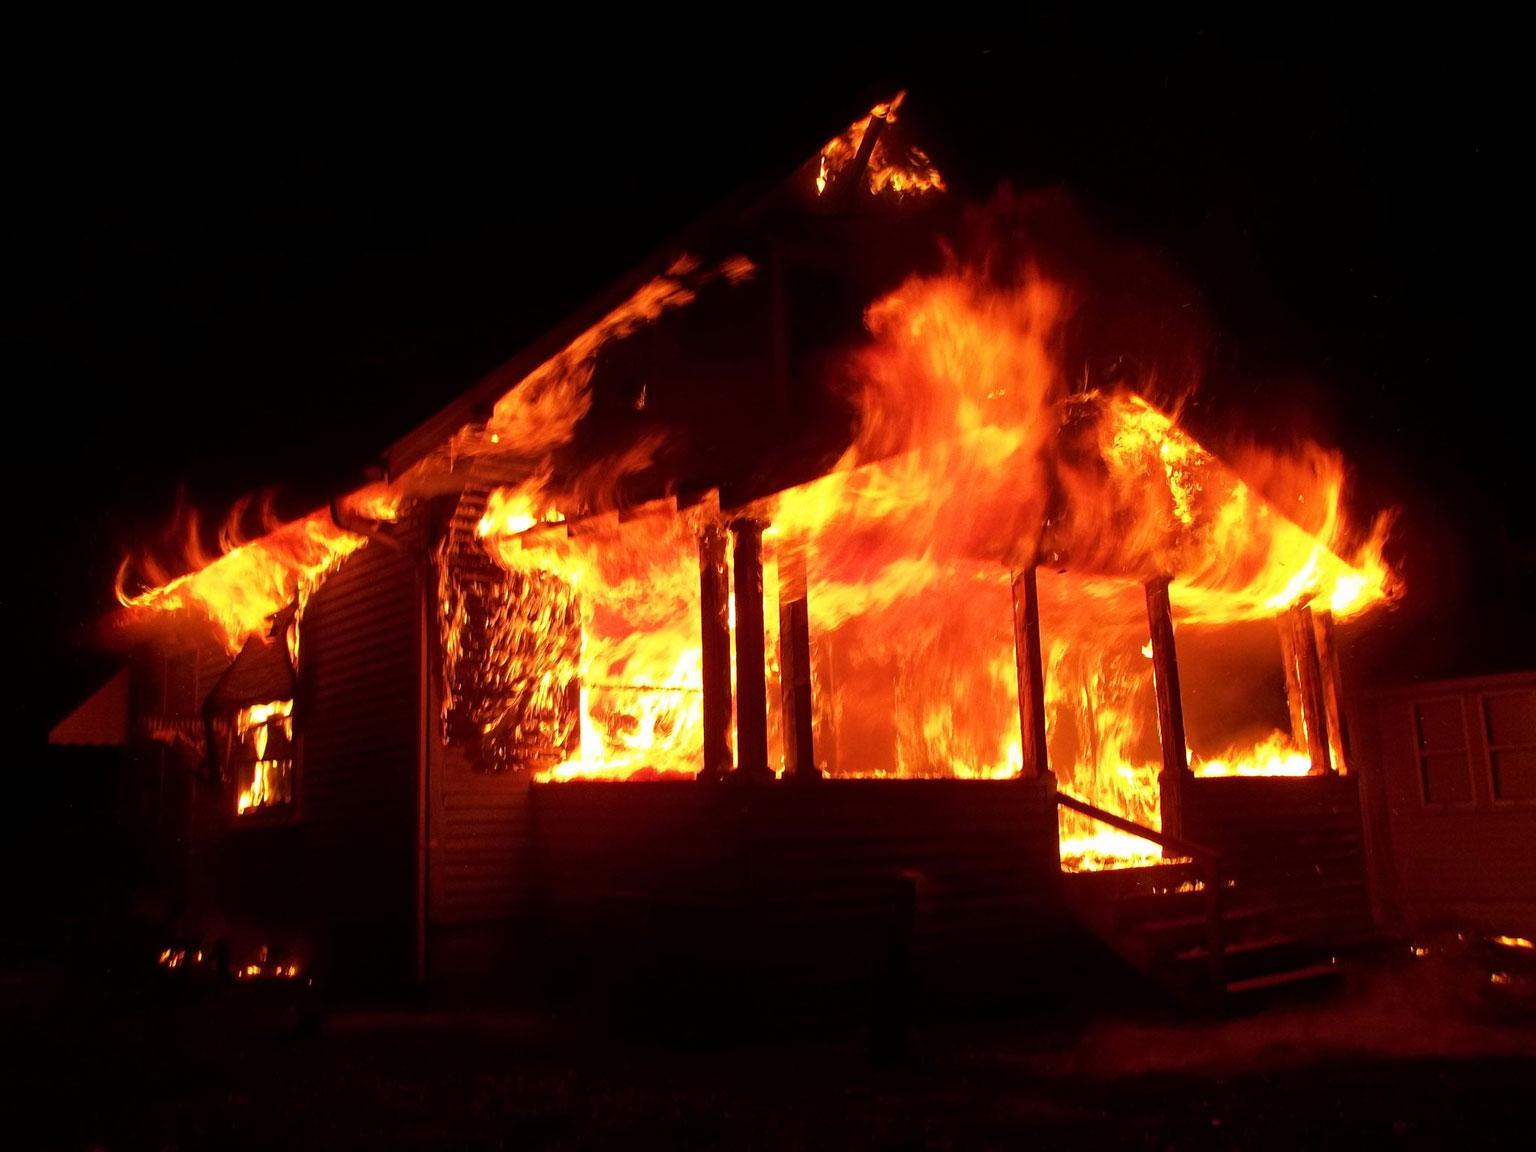 Επιχειρηματίας θα καταβάλει αποζημίωση 150 χιλιάδων ευρώ σε ζευγάρι που κάηκε το σπίτι του από φωτιά σε φορτηγό της εταιρείας του